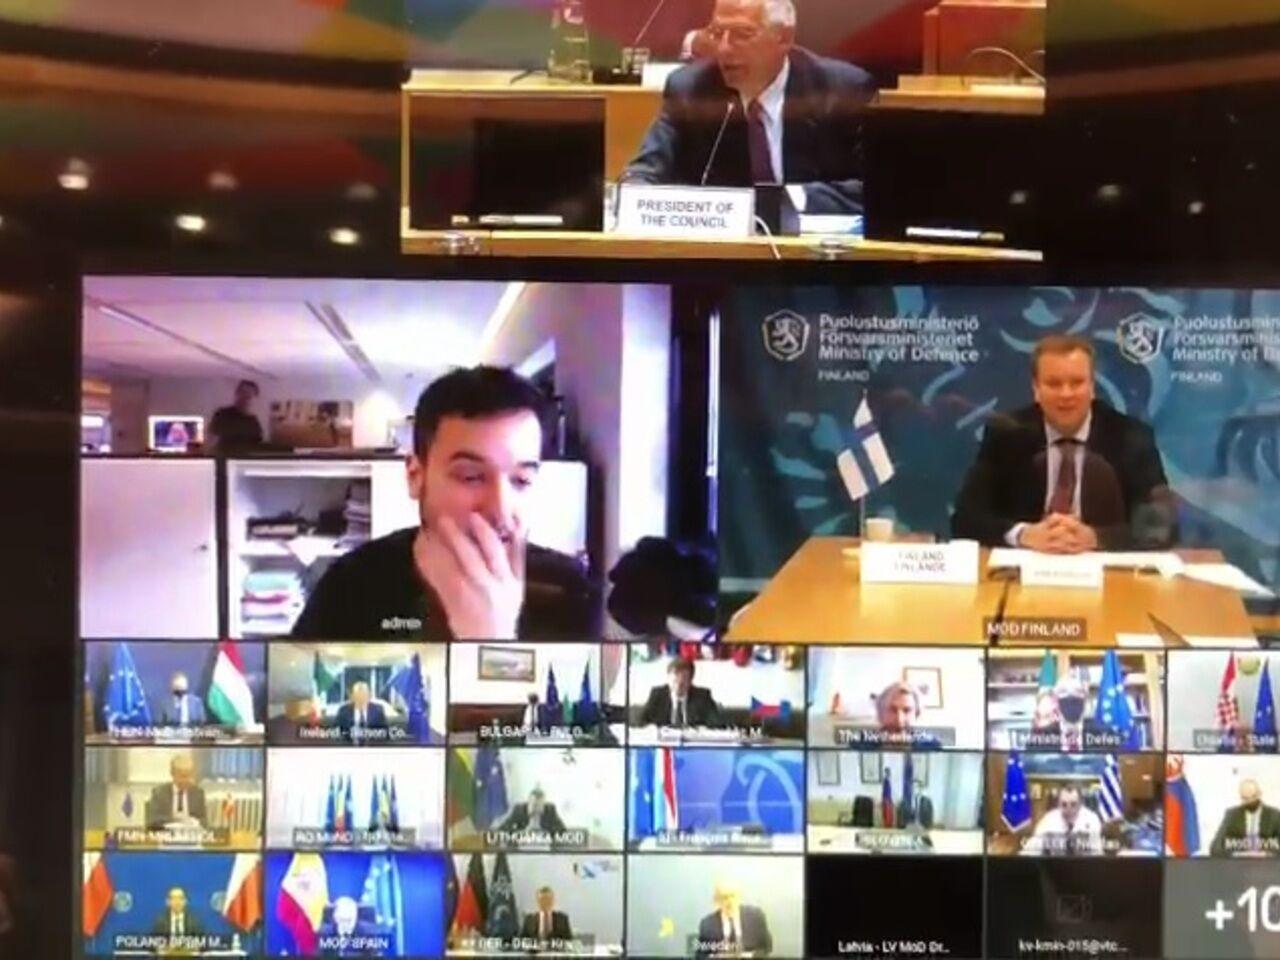 Голландский журналист случайно попал в секретную видеоконференцию министров обороны ЕС